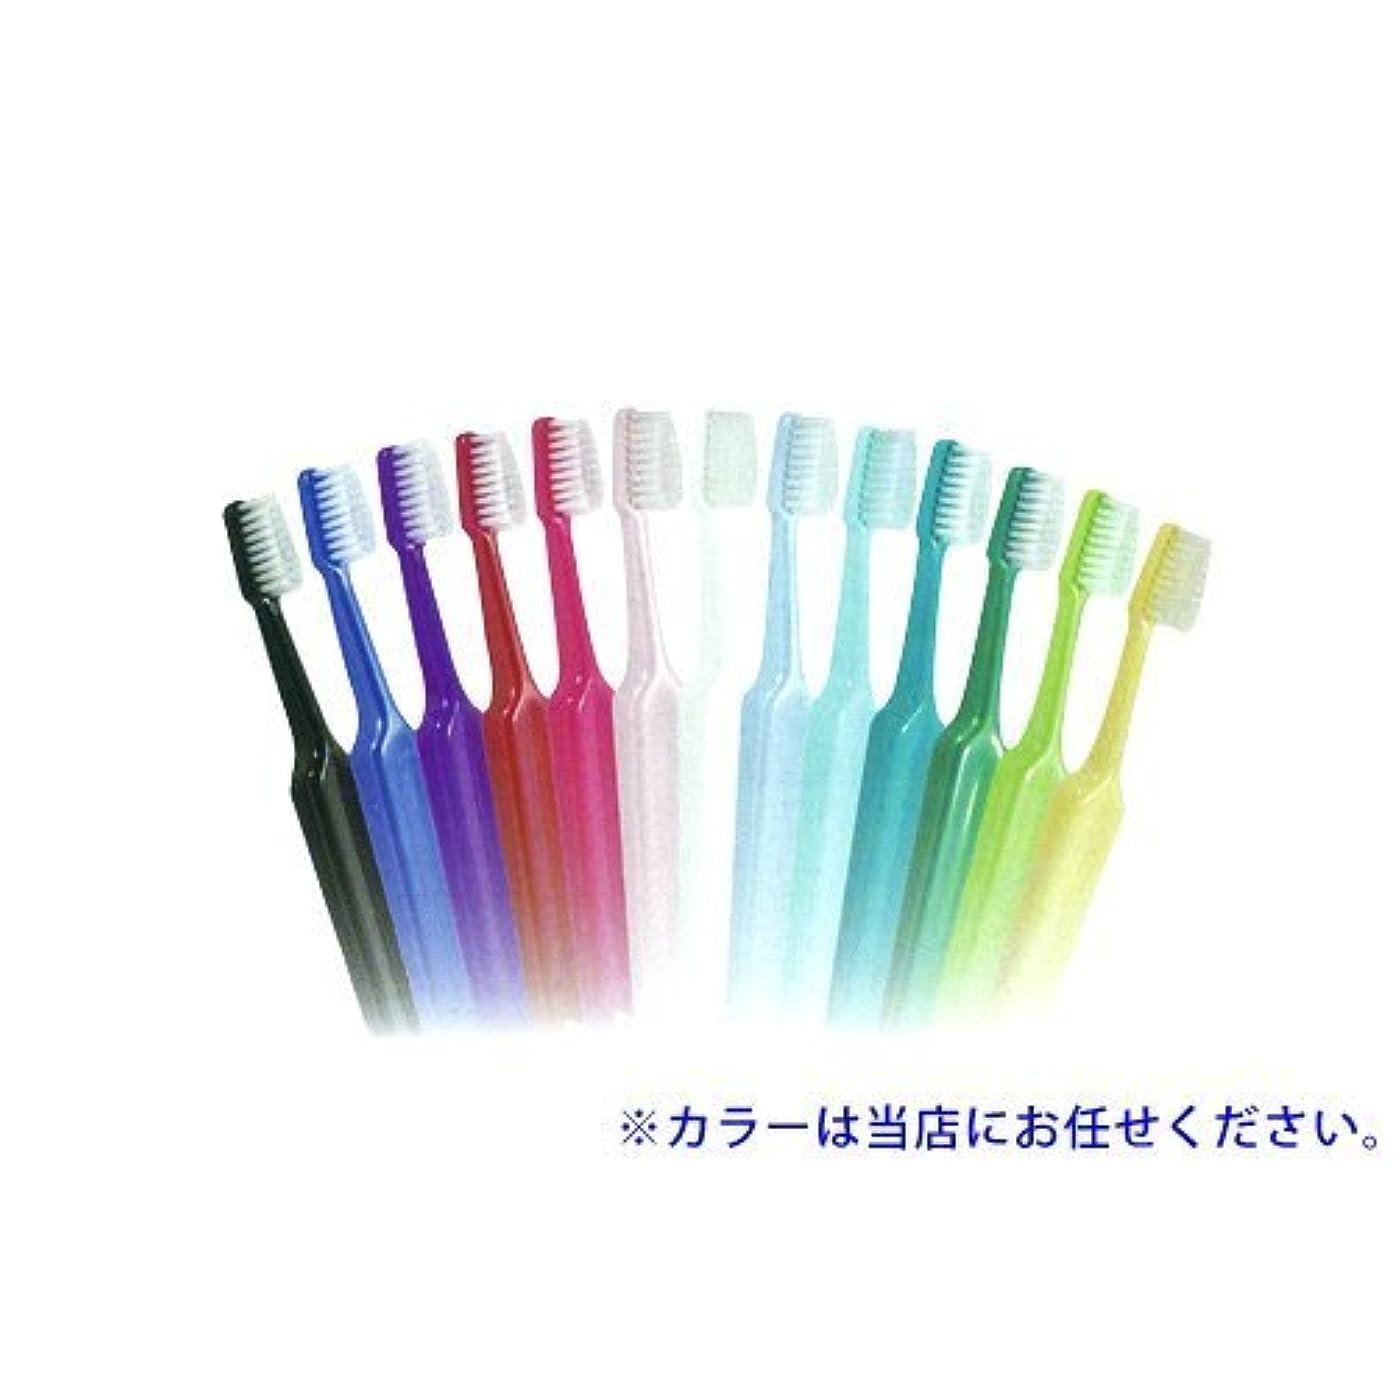 慈悲深い何十人も触手クロスフィールド TePe テペ セレクトミニ 歯ブラシ 1本 エクストラソフト